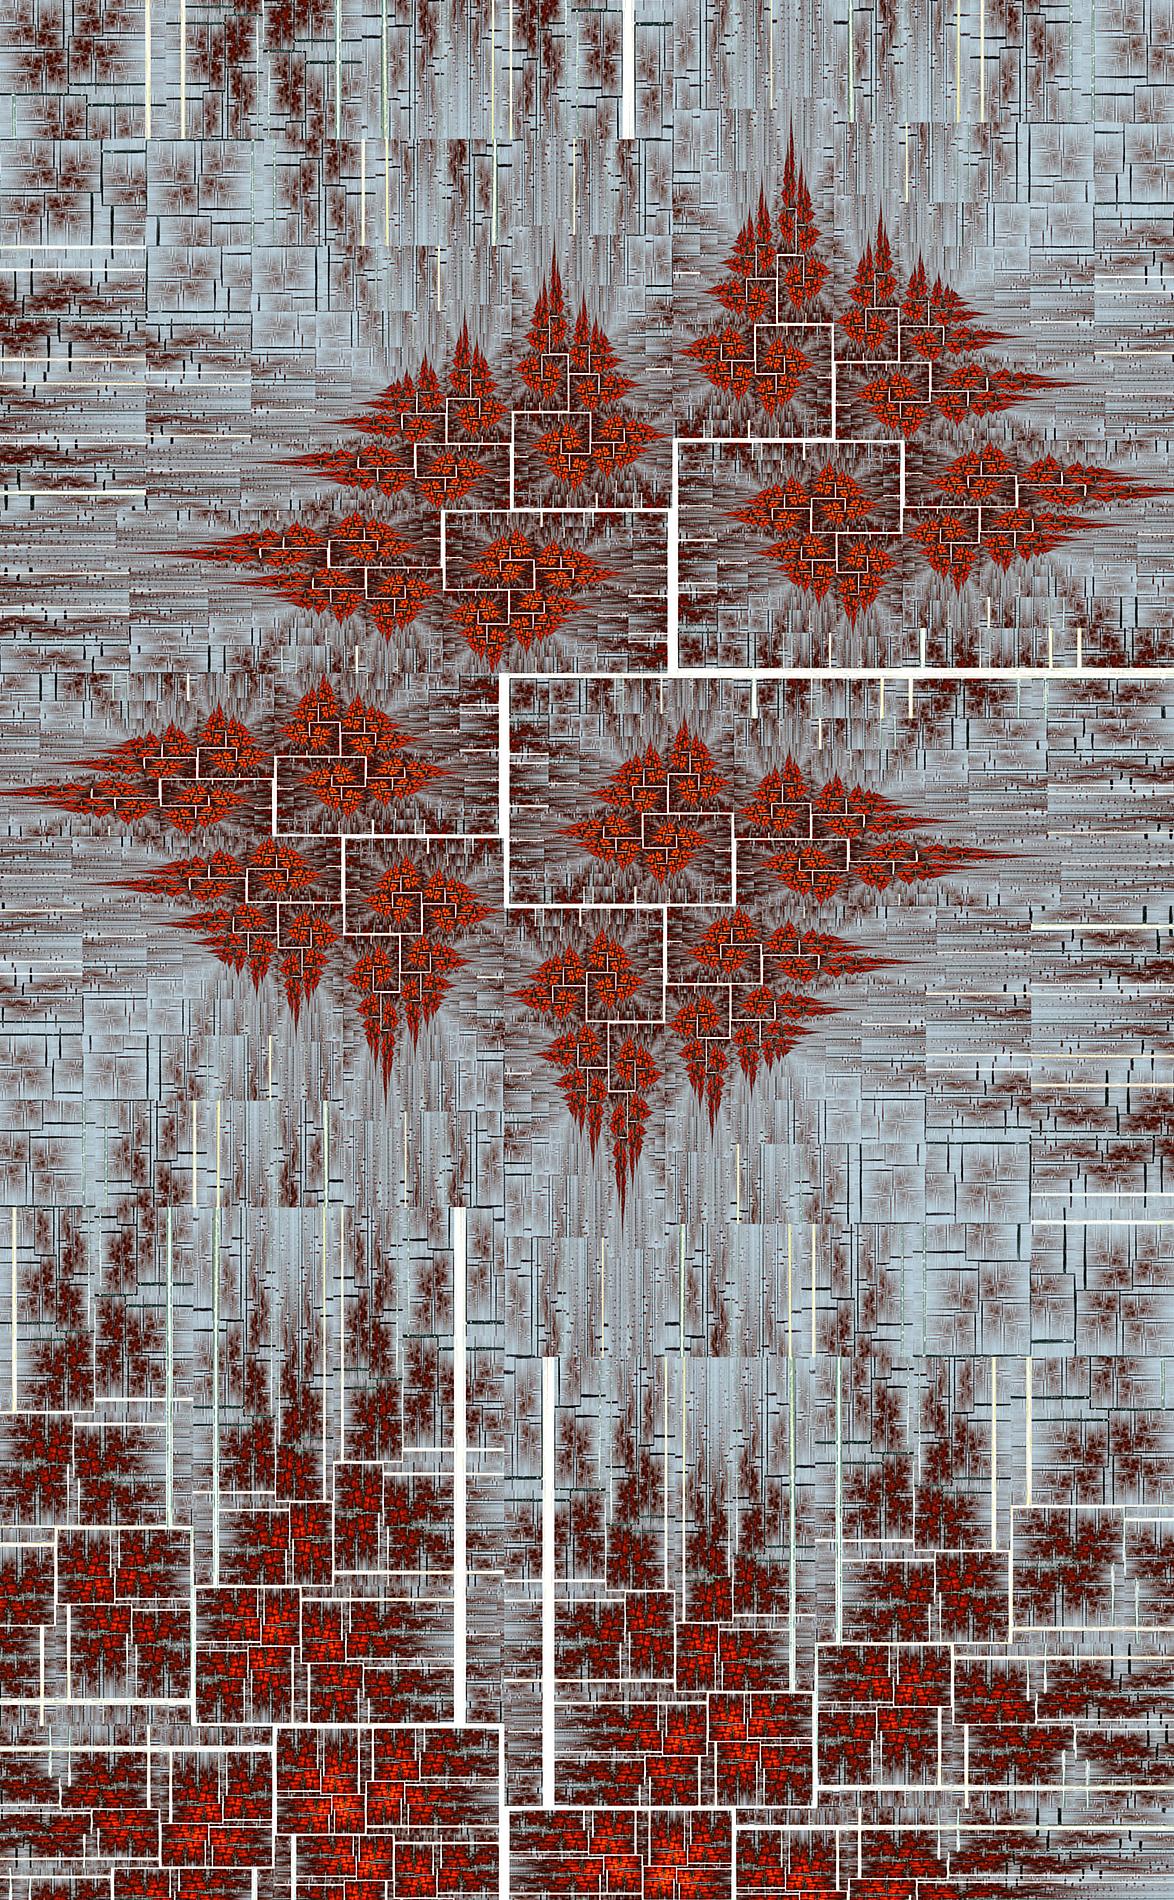 Weirwood by FarDareisMai